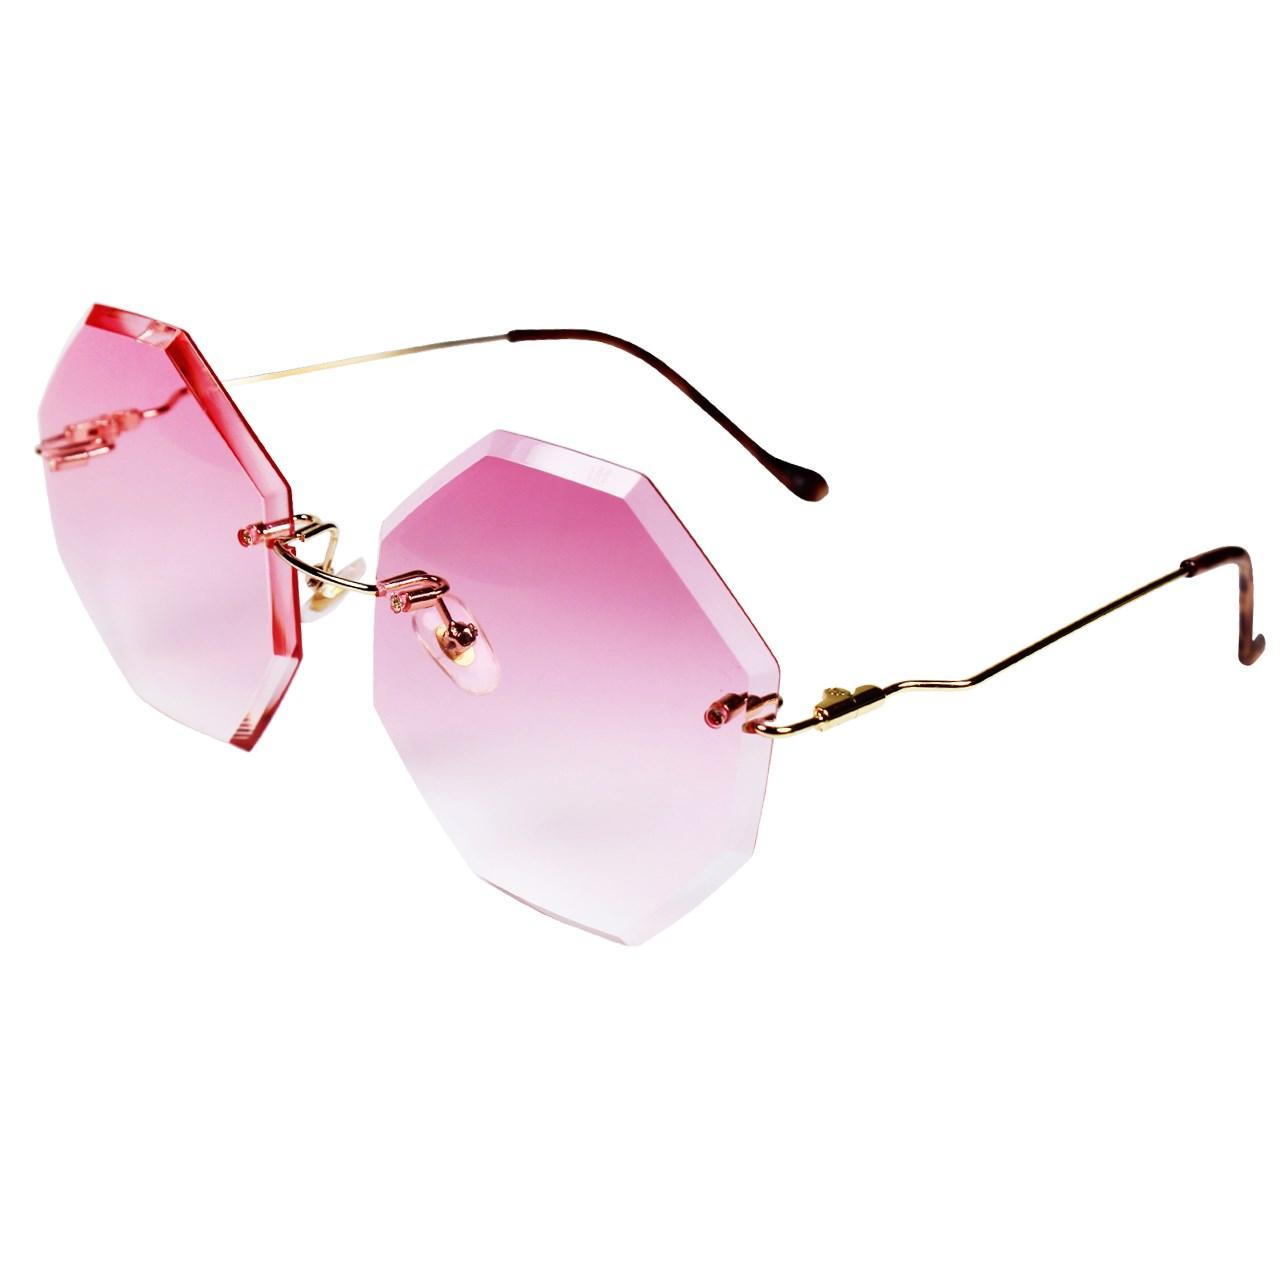 قیمت عینک آفتابی گالری دیتیای مدل D11